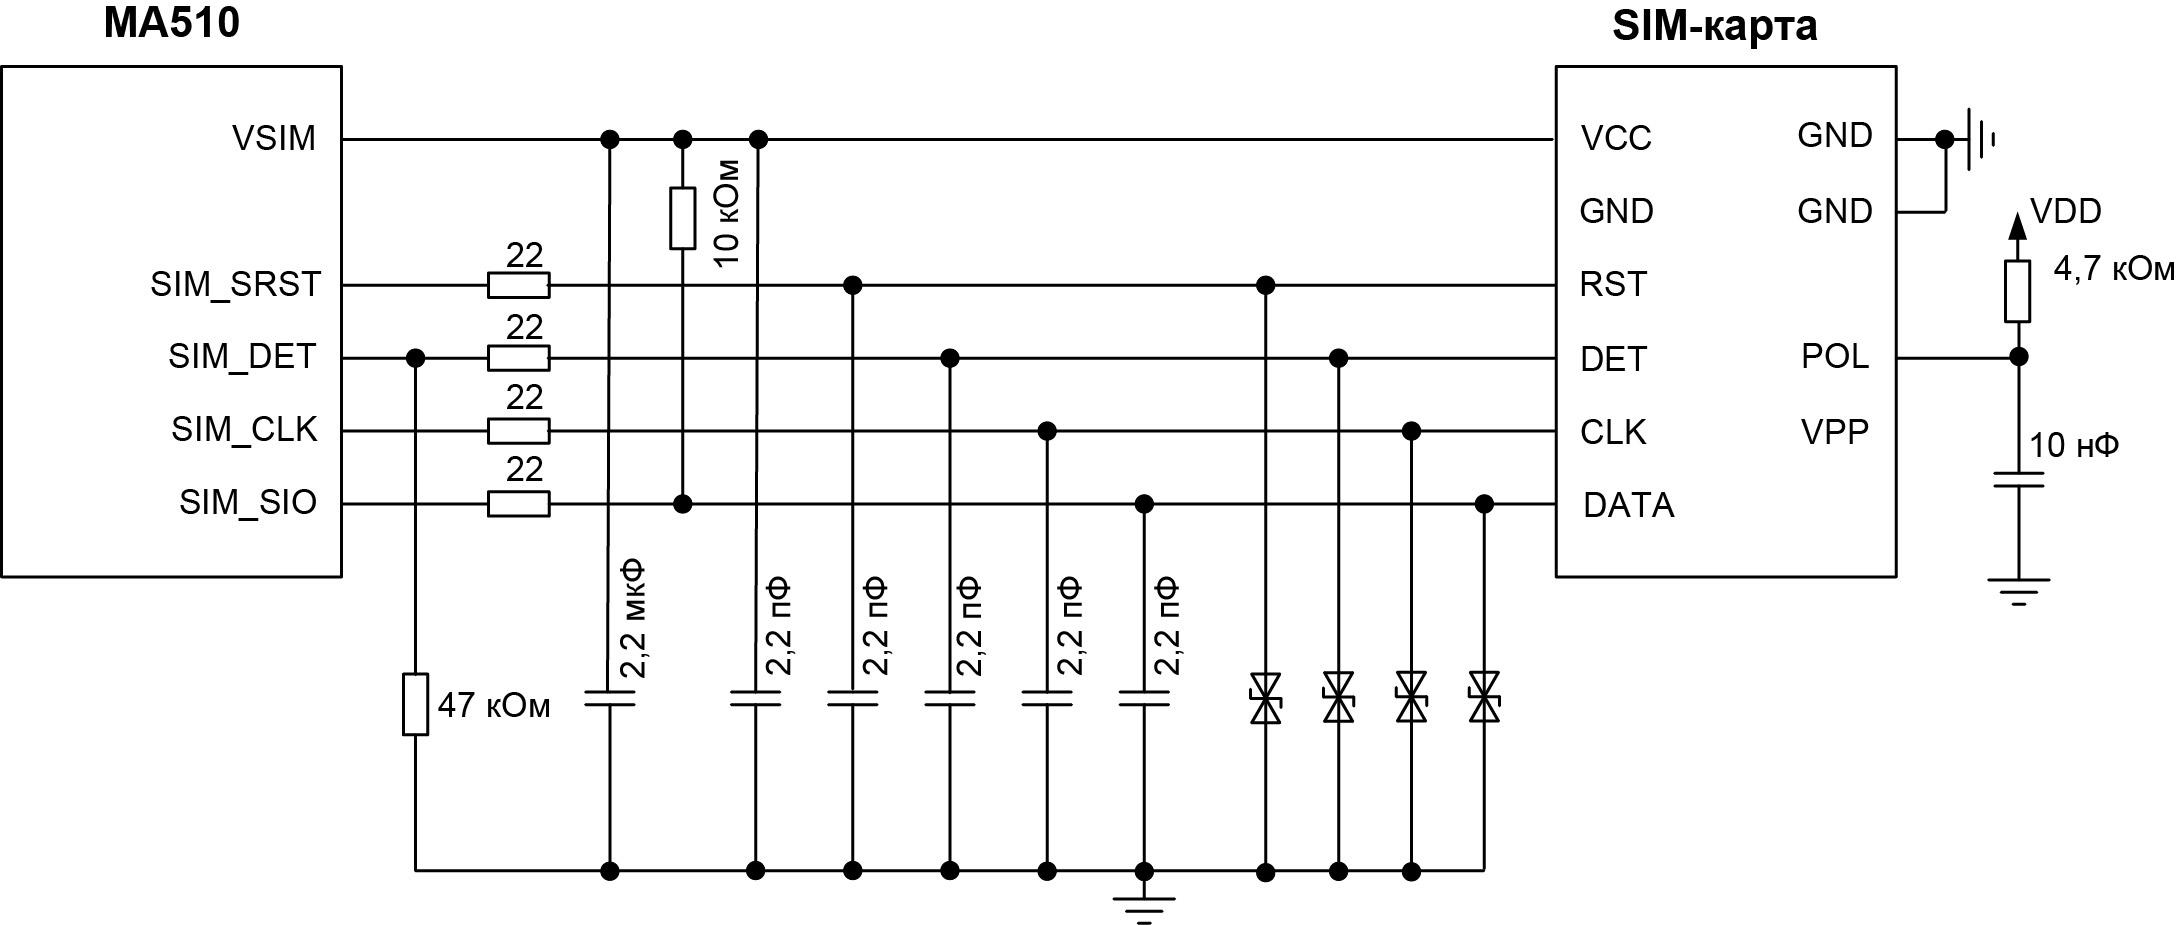 Схема соединения модуля МА510 и SIM-карты